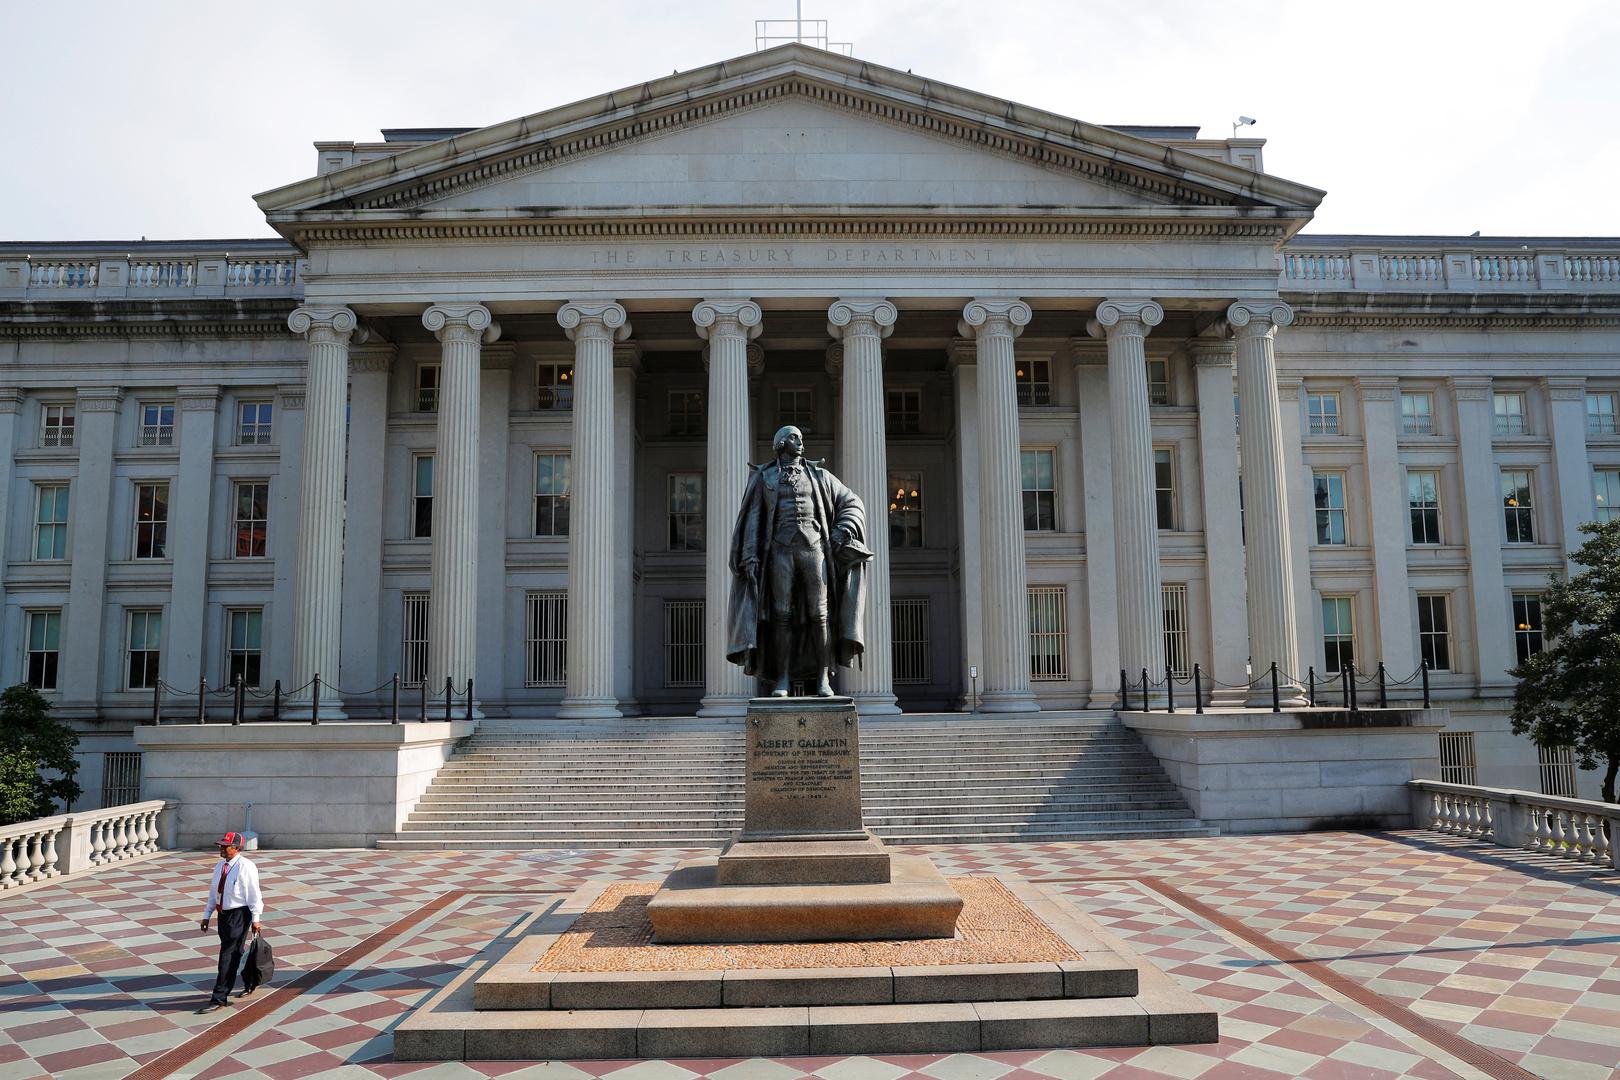 مبنى وزارة الخزانة الأمريكية في واشنطن